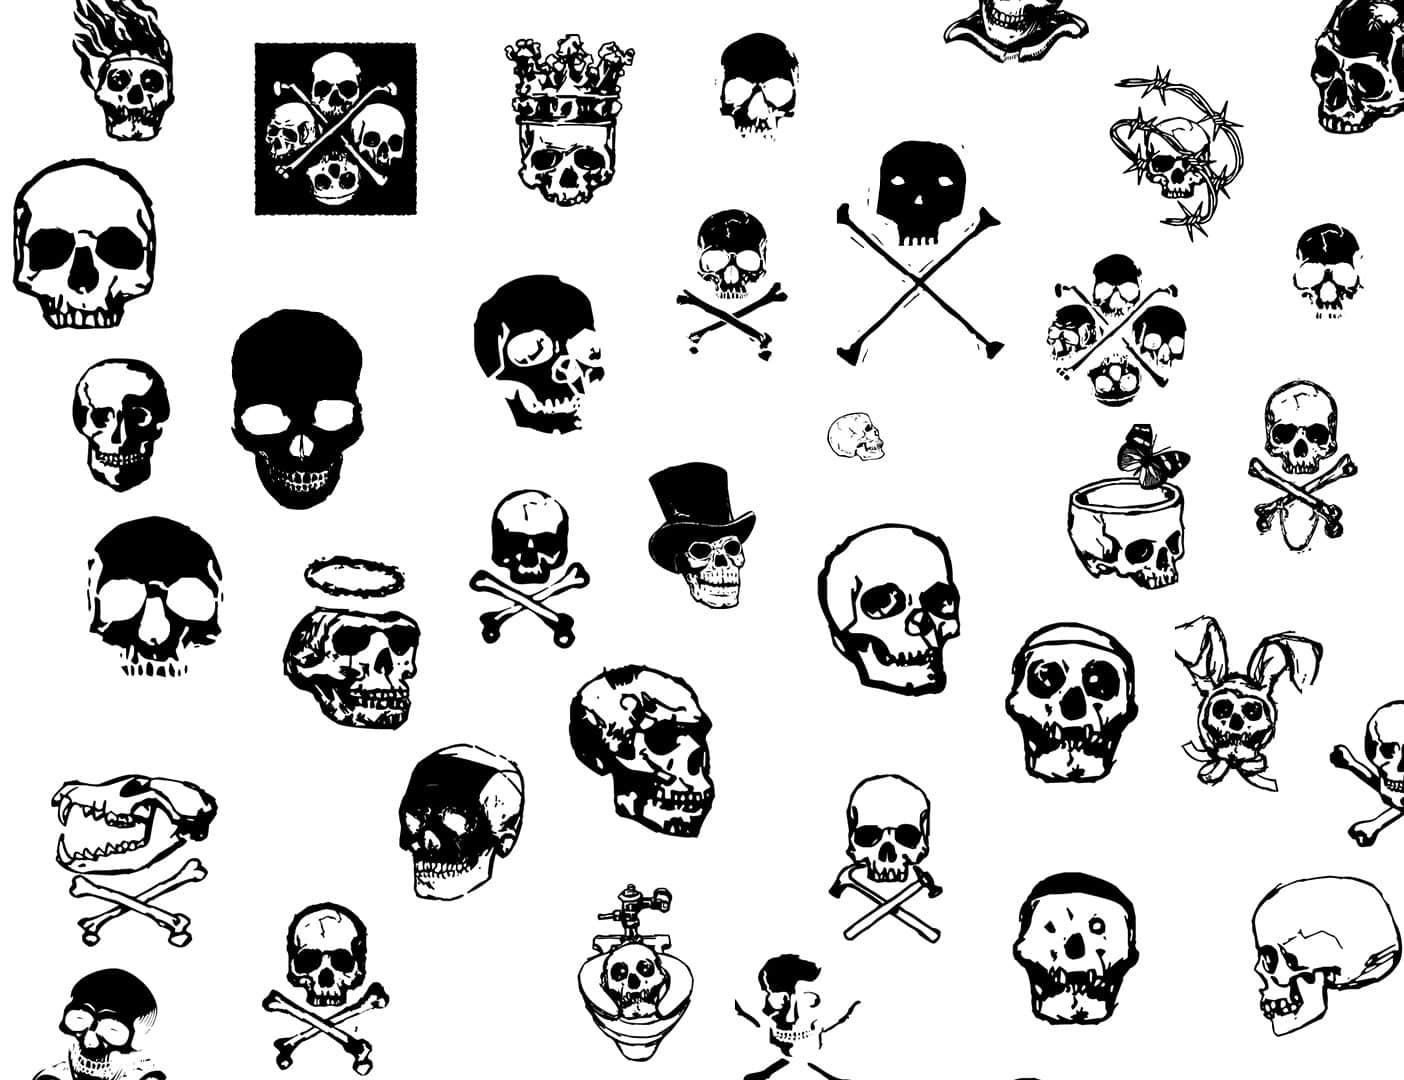 骷髅头图案、涂鸦头颅PS笔刷下载 骷髅头笔刷 头颅笔刷  %e6%b6%82%e9%b8%a6%e7%ac%94%e5%88%b7 characters brushes